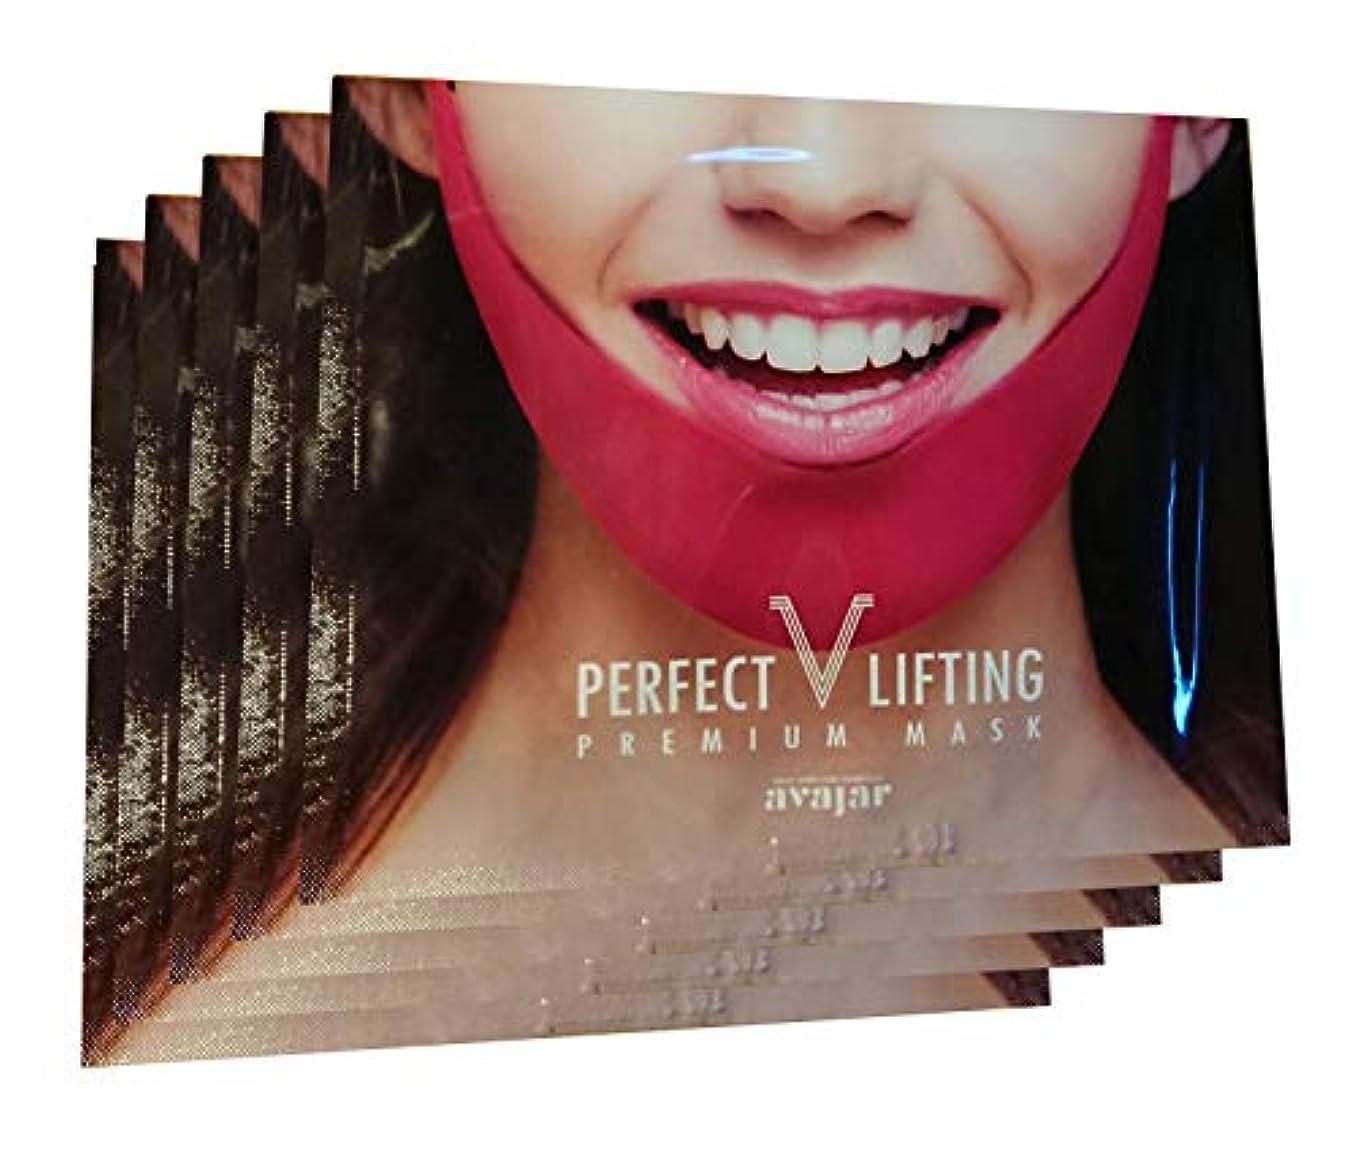 レルム相談するツインAvajar 小顔効果と顎ラインを取り戻す! パーフェクトVリフティング 1パック